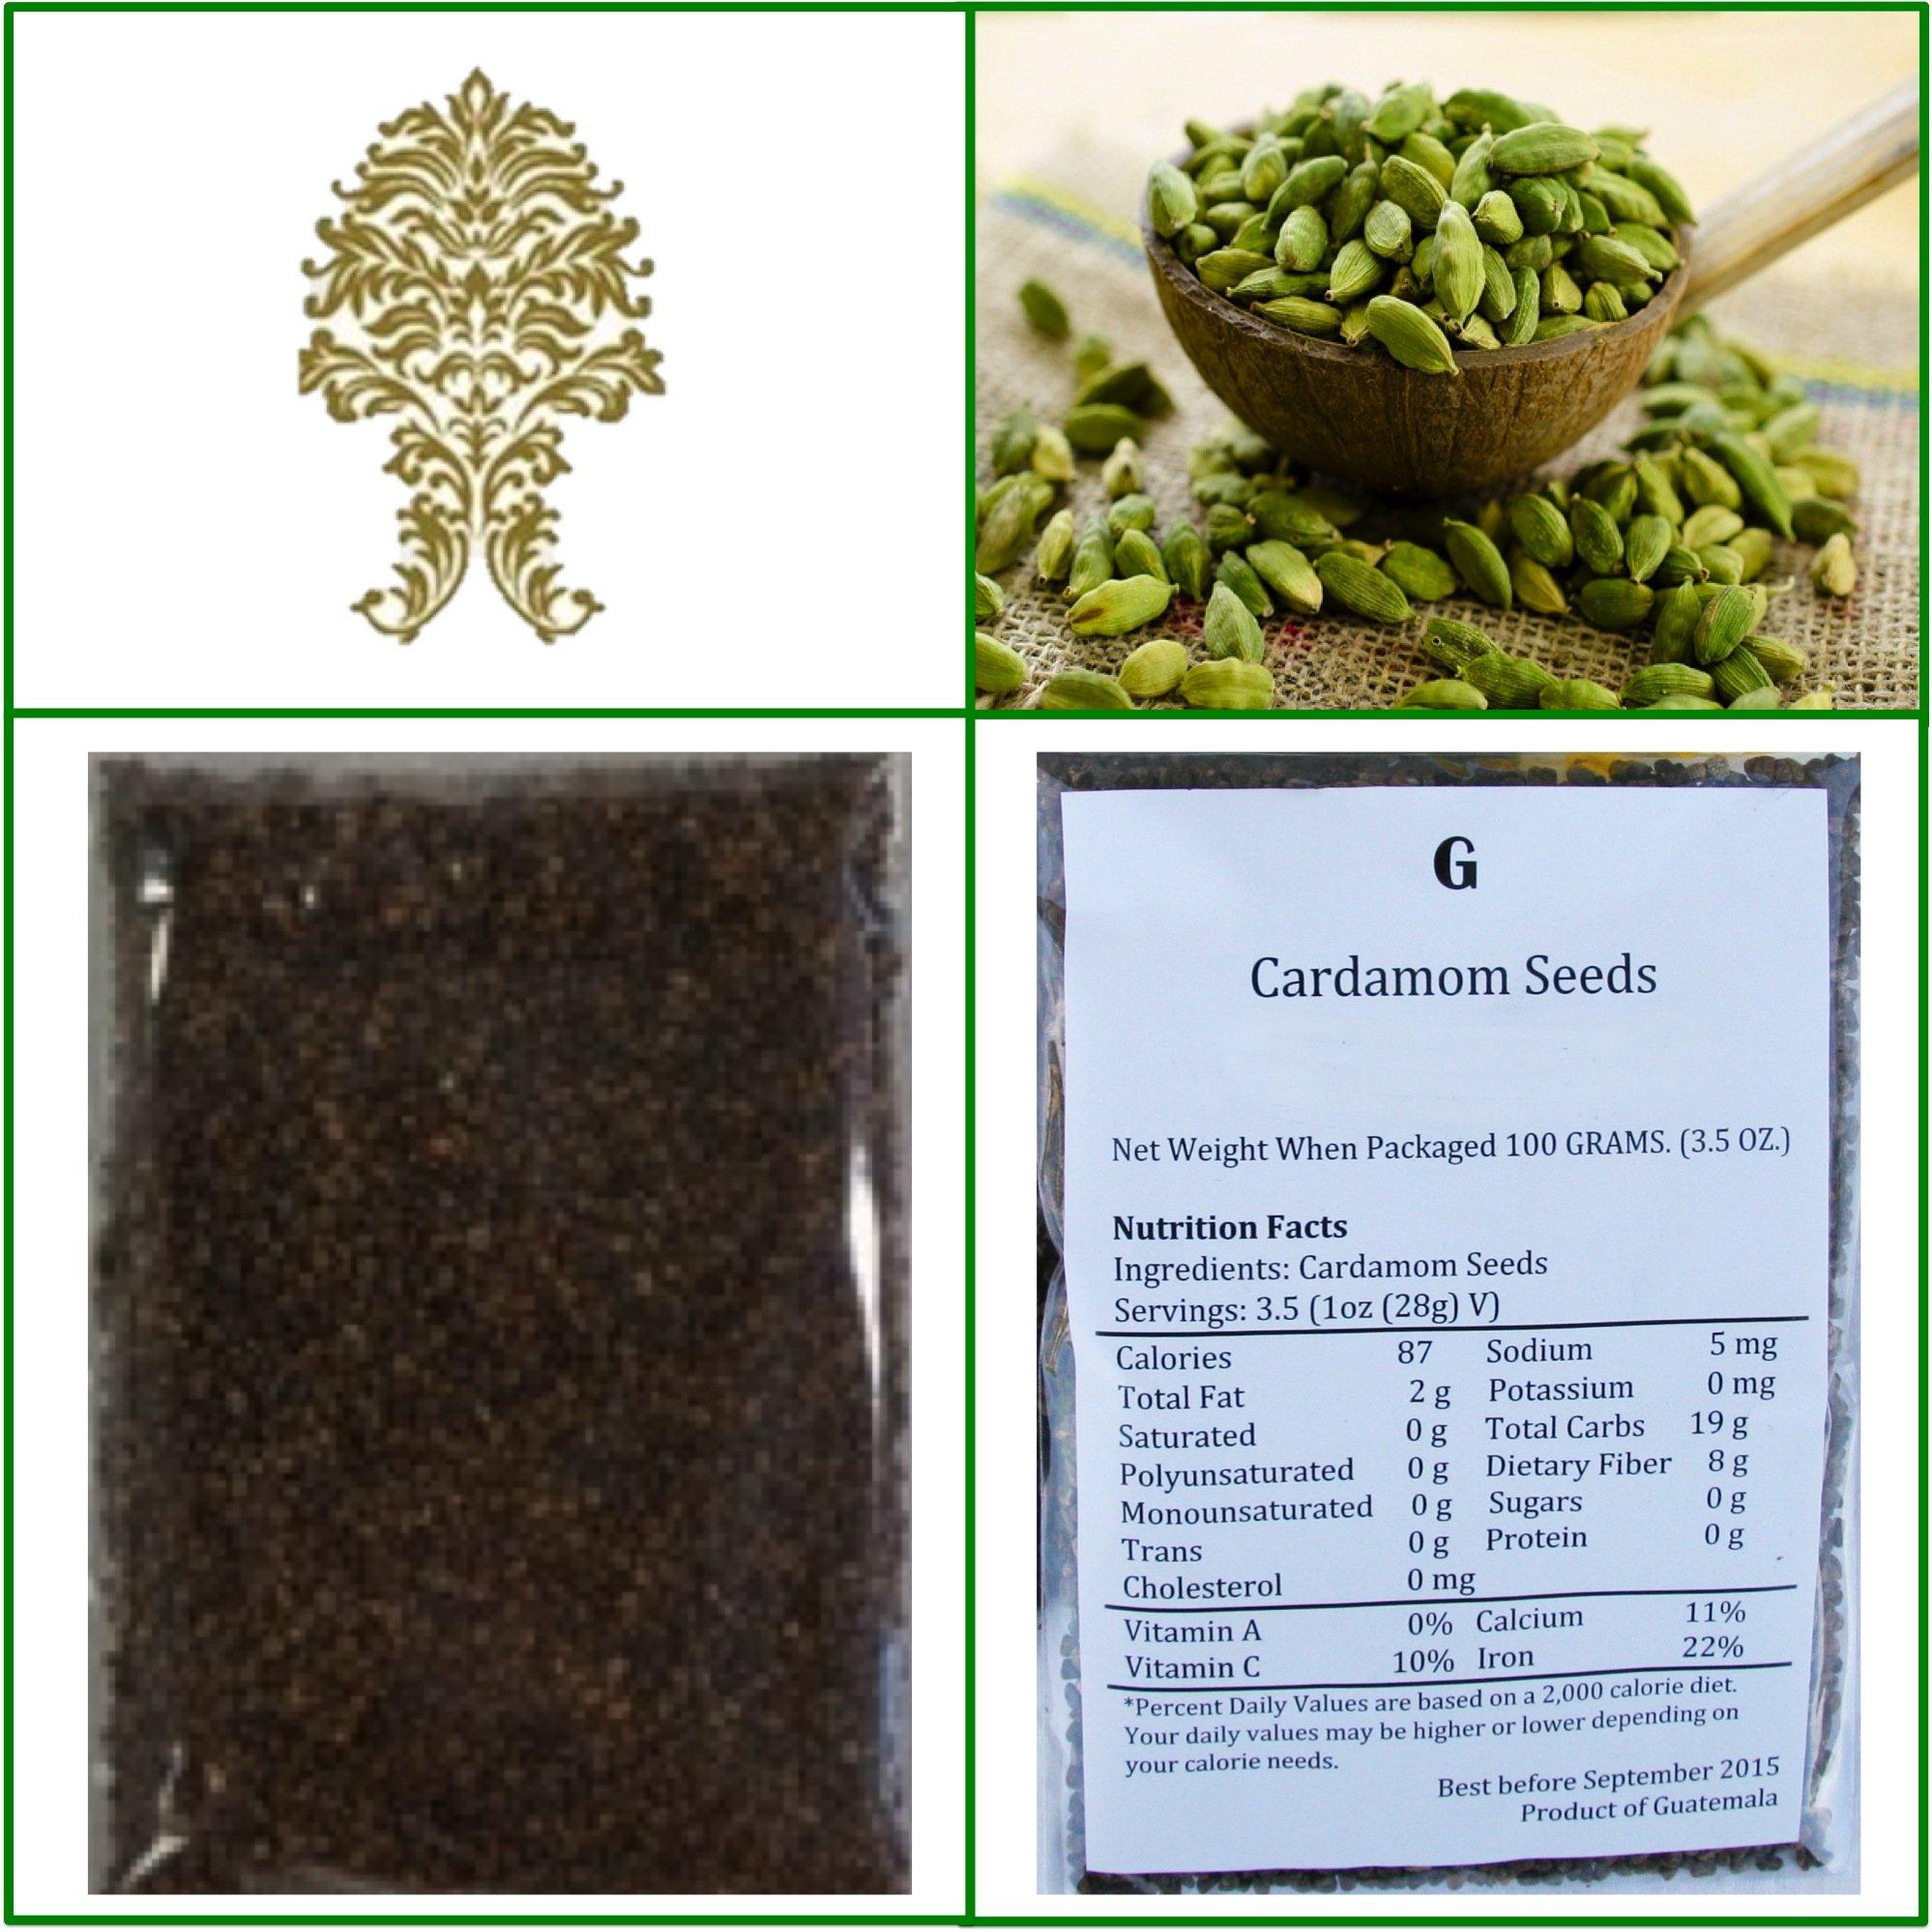 Decorticated Cardamom Seeds (elaichi, elachi, hal) - 7 Oz, 200g.